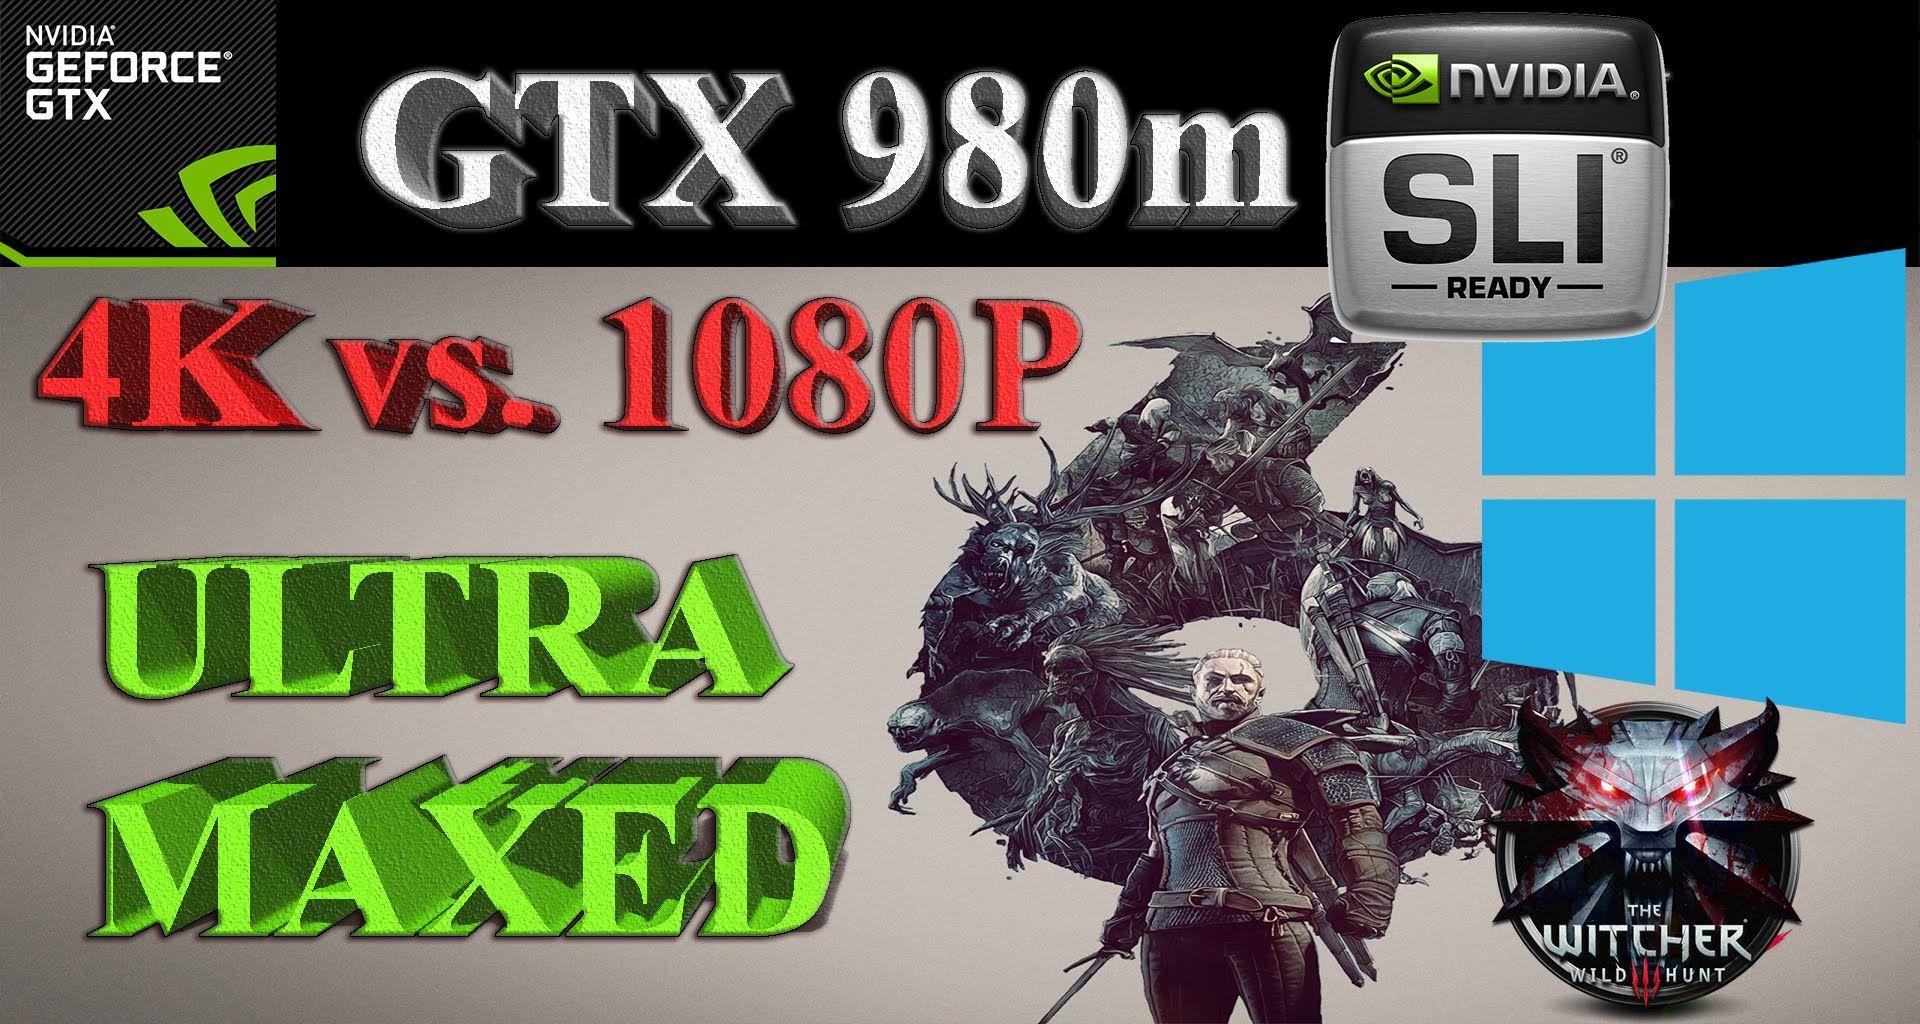 WINDOWS 10 THE WITCHER 3 1080P vs. 4K GTX 980M SLI